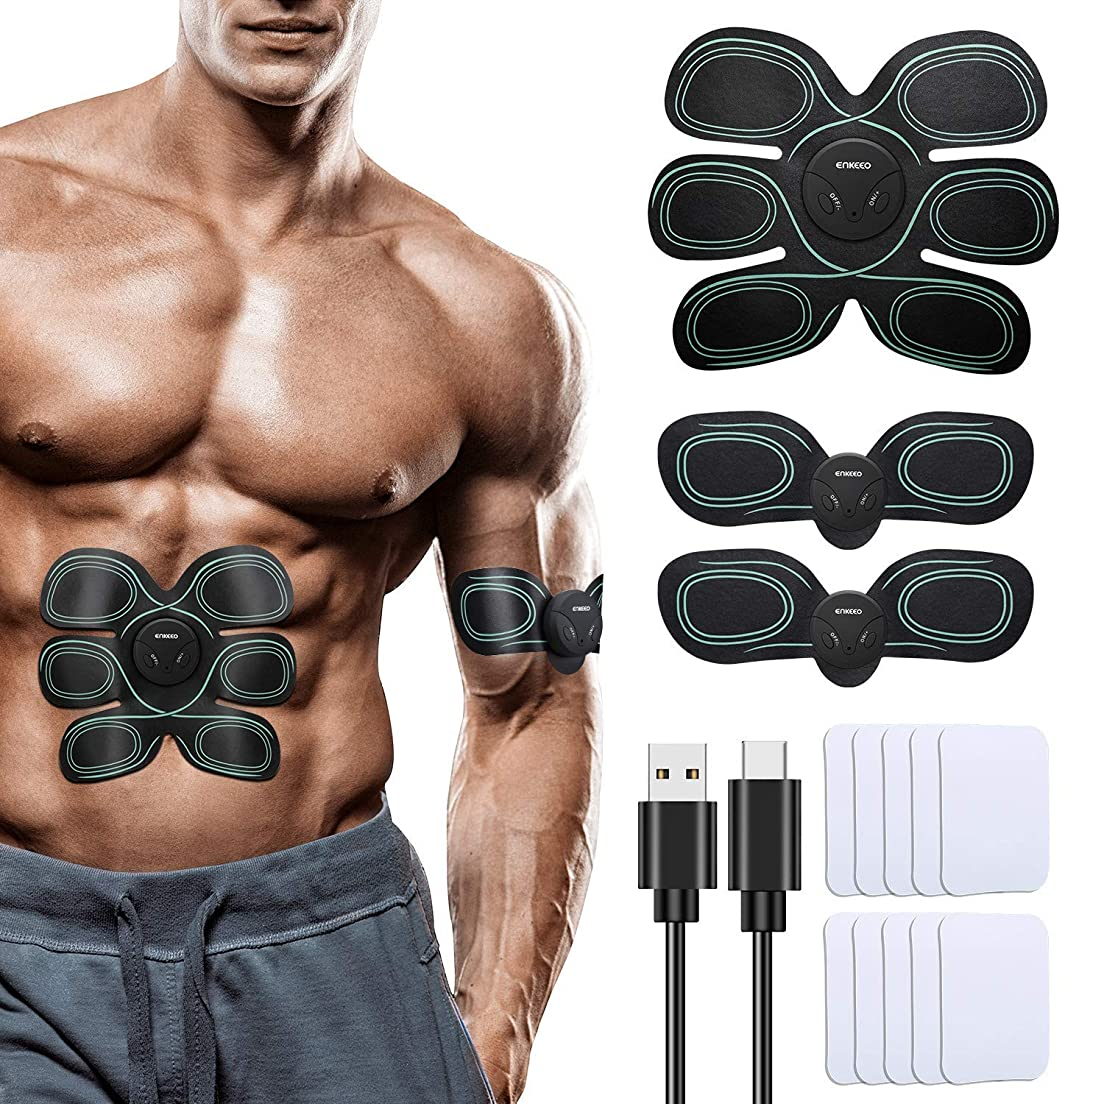 スクレーパーホームブリードGWM マッスル刺激マッサージャー、EMS ABSトレーナー、腹部筋肉トナーベルトセット、USB充電式フィットネストレーニングアームの脚腹部背中ウエストエクササイズマシン、ユニセックス8モード